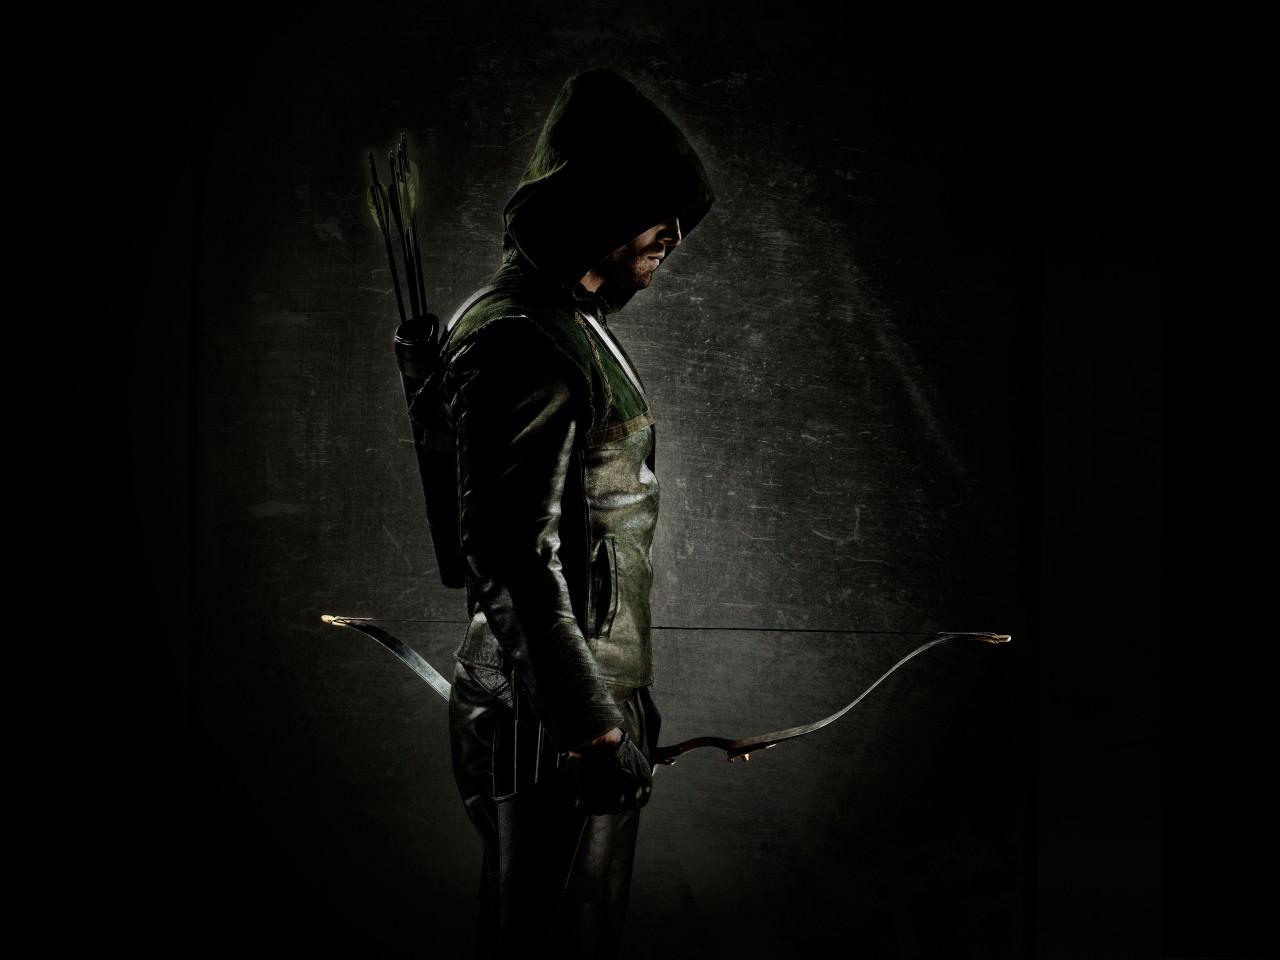 17868 скачать обои Кино, Стрела (Arrow), Актеры, Люди, Мужчины - заставки и картинки бесплатно